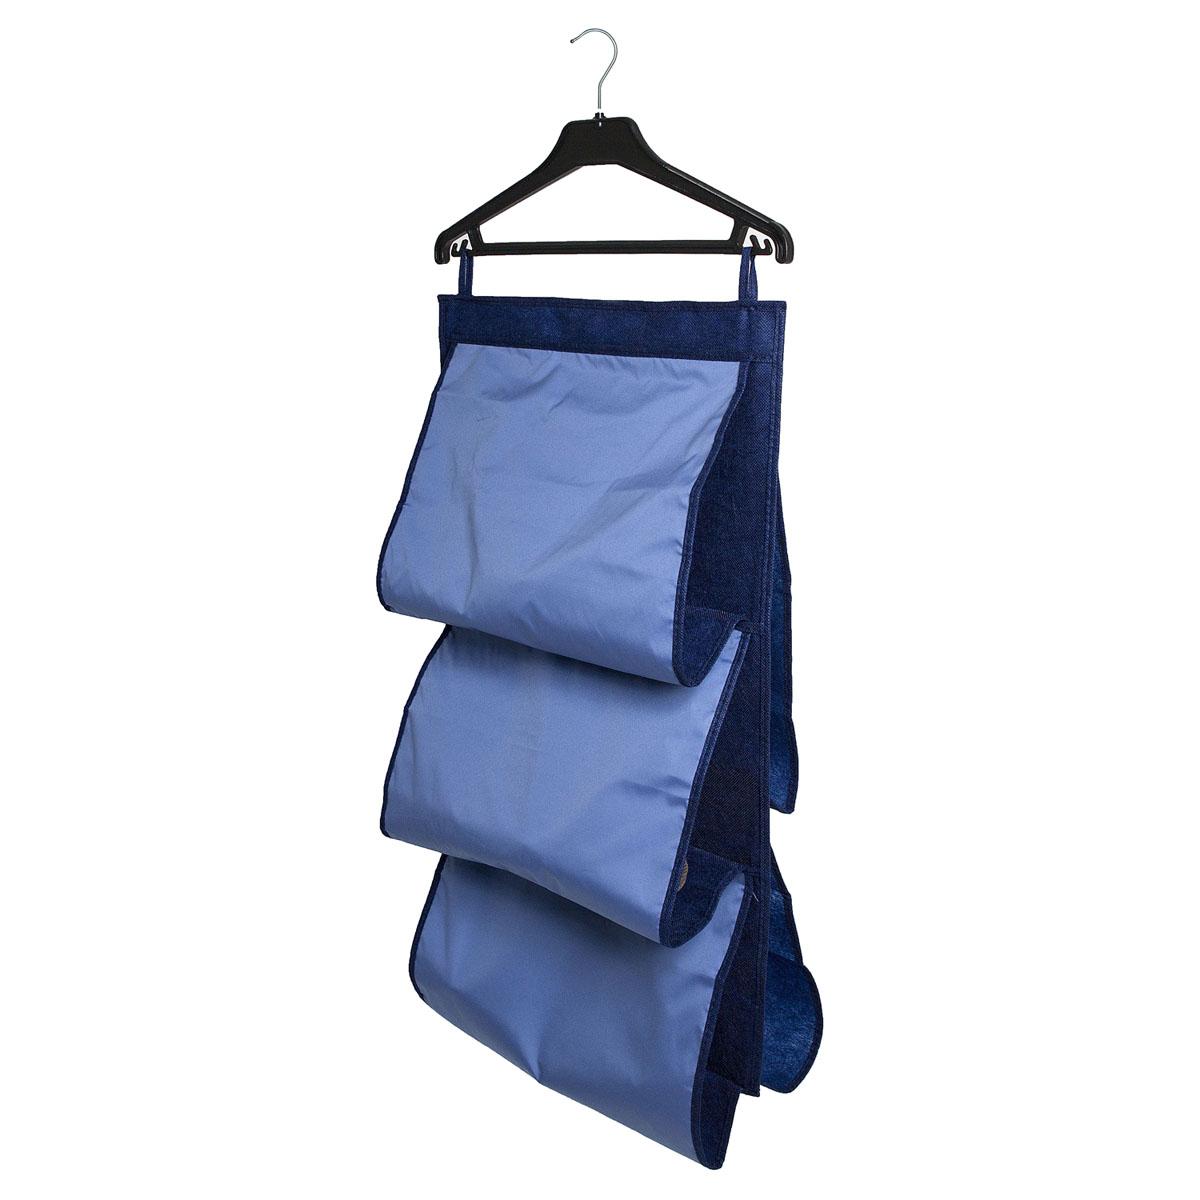 Органайзер для сумок Homsu Bluе Sky, 5 отделений, 40 х 70 смCLP446Органайзер для хранения сумок Homsu Bluе Sky изготовлен из полиэстера. Изделие имеет 5 отделений, его можно повесить в удобное место за крючки. Такой компактный и удобный в каждодневном использовании аксессуар, как этот органайзер, размещающийся в пространстве шкафа, на плоскости стены или дверей.Практичный и удобный органайзер для хранения сумок.Размер чехла: 40 х 70 см.